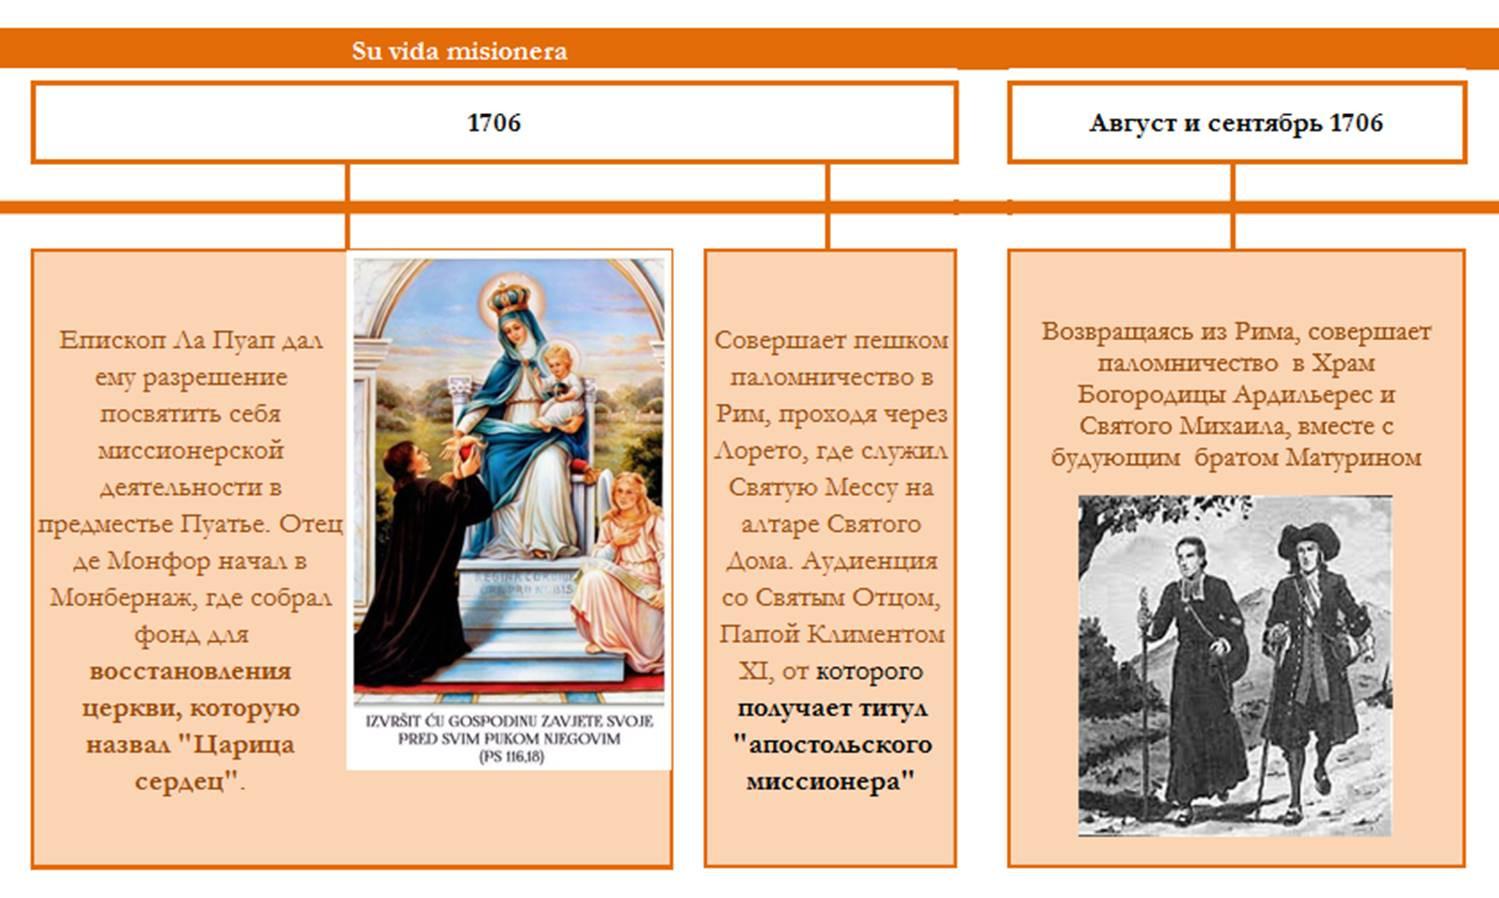 cronologia-san-luis-ruso-6.jpg